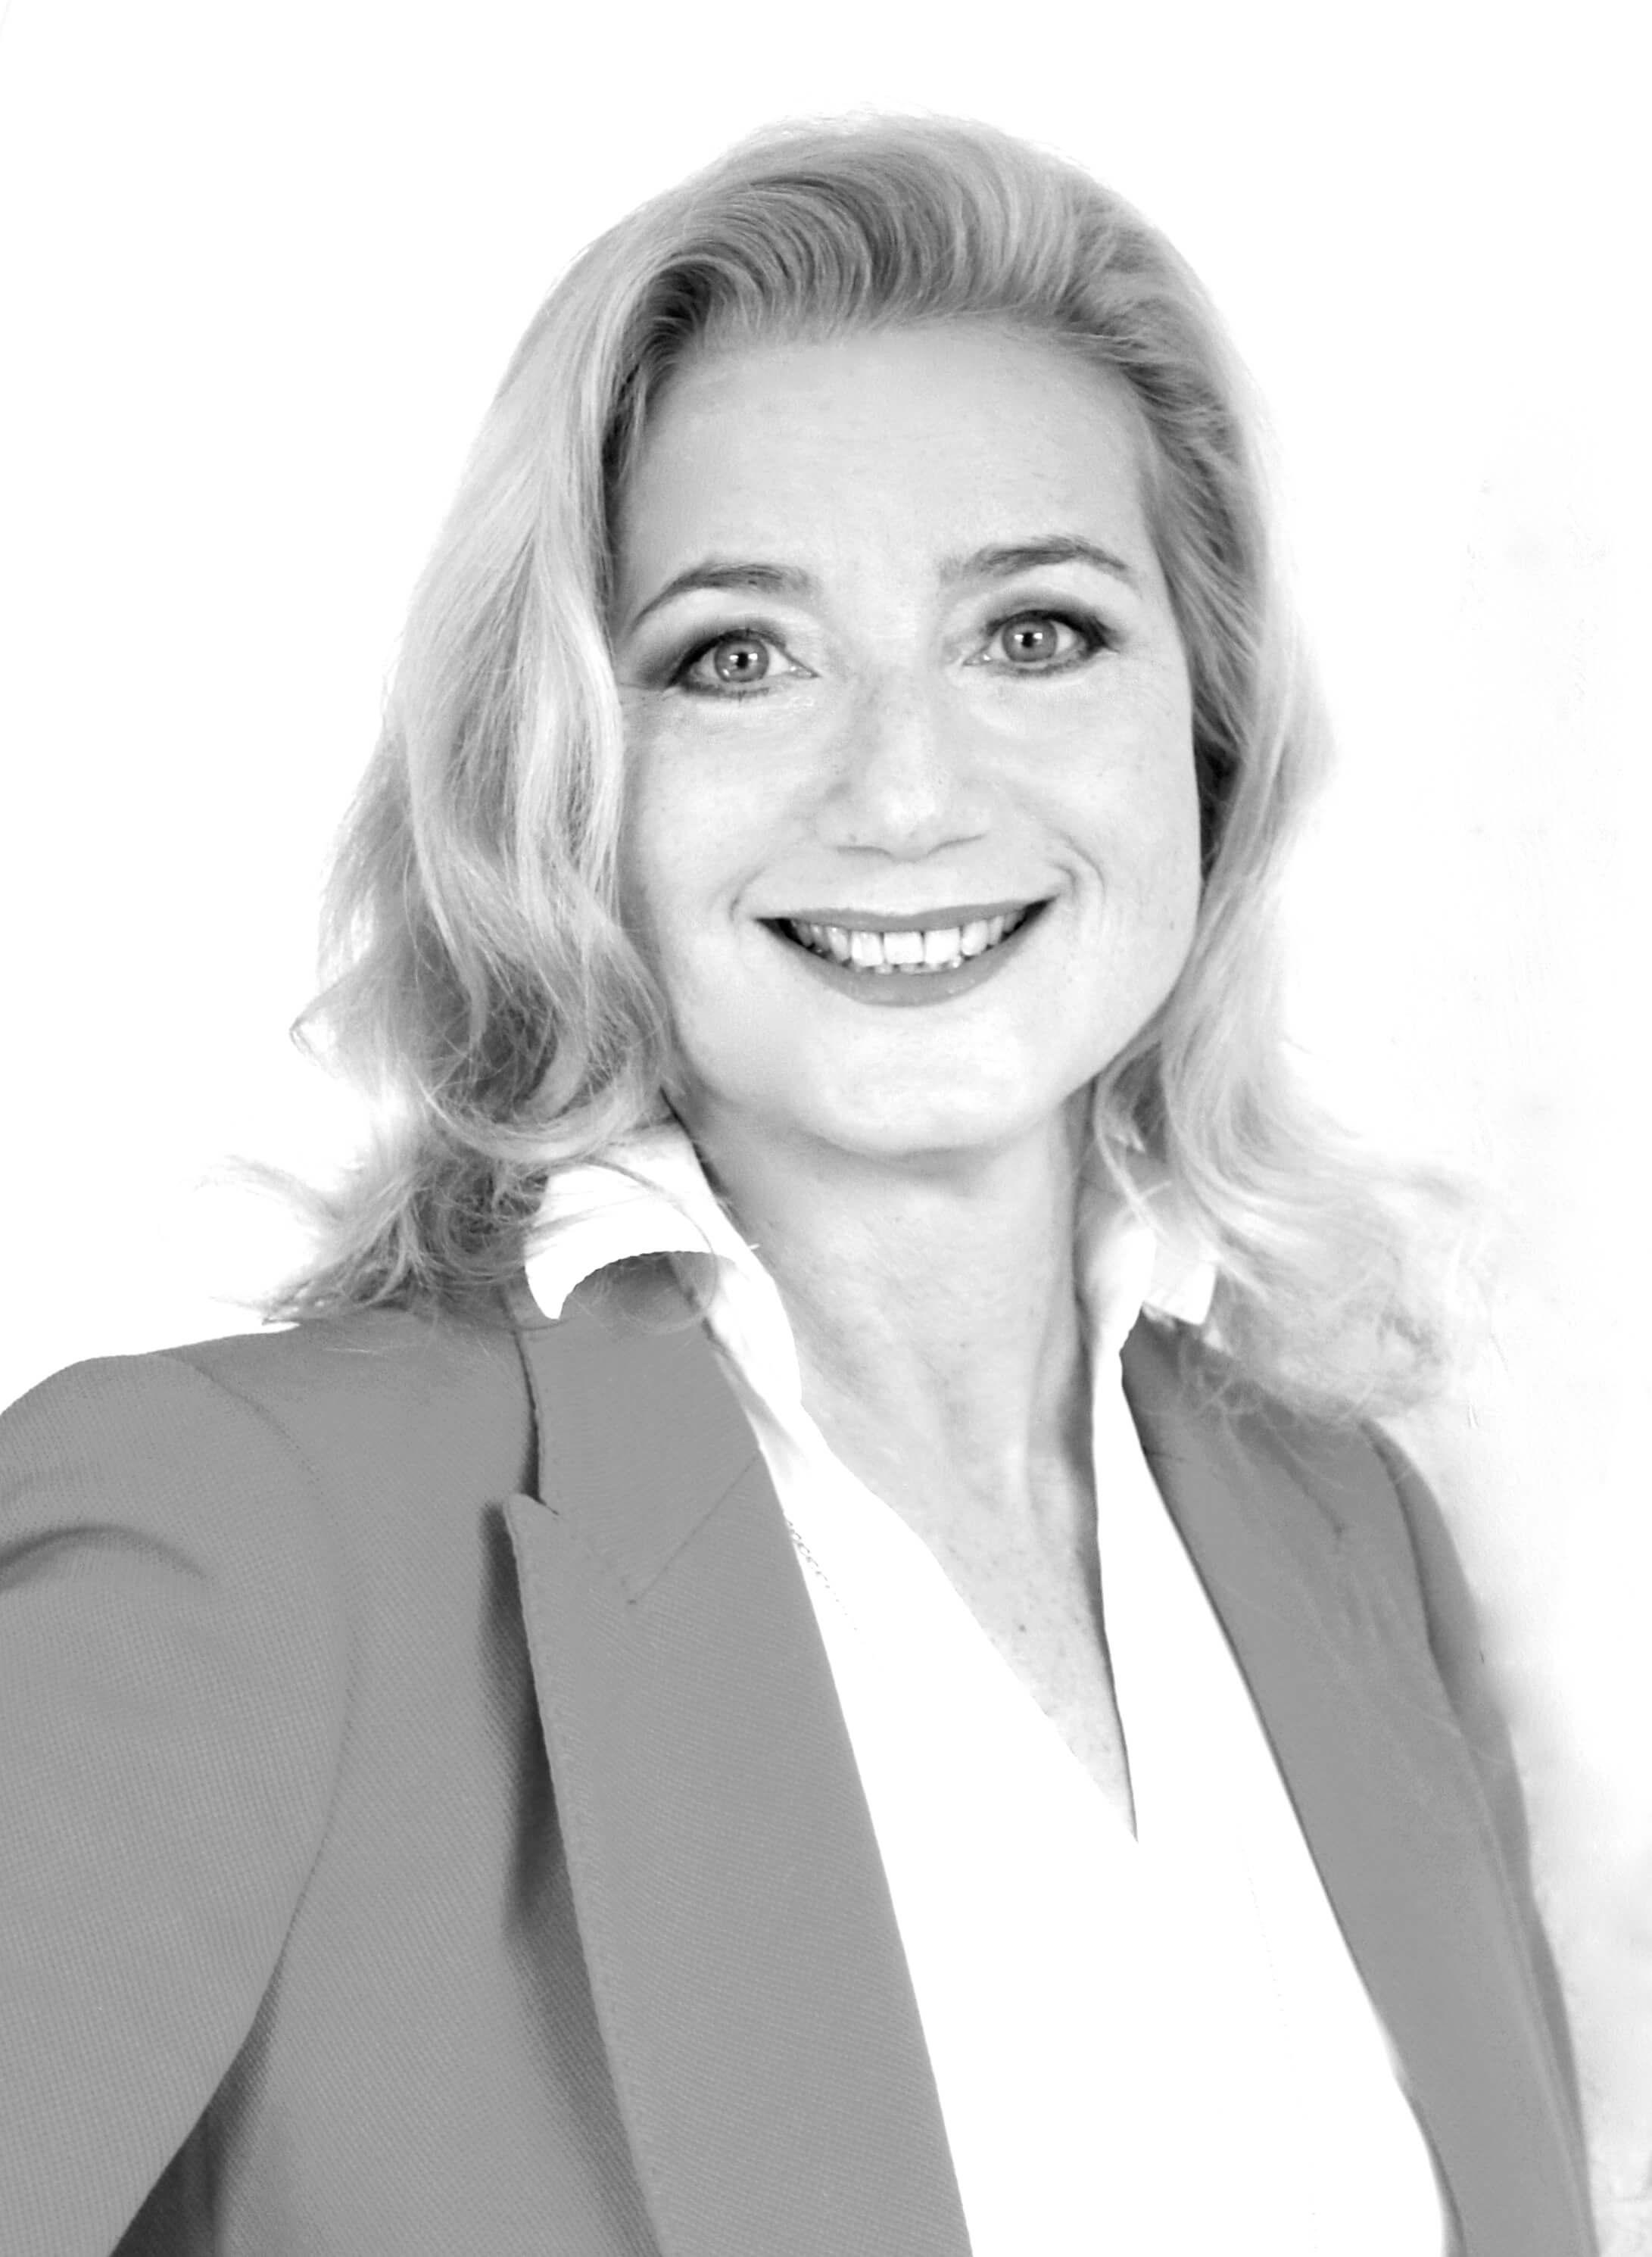 Krimiautorin Sabine Vöhringer